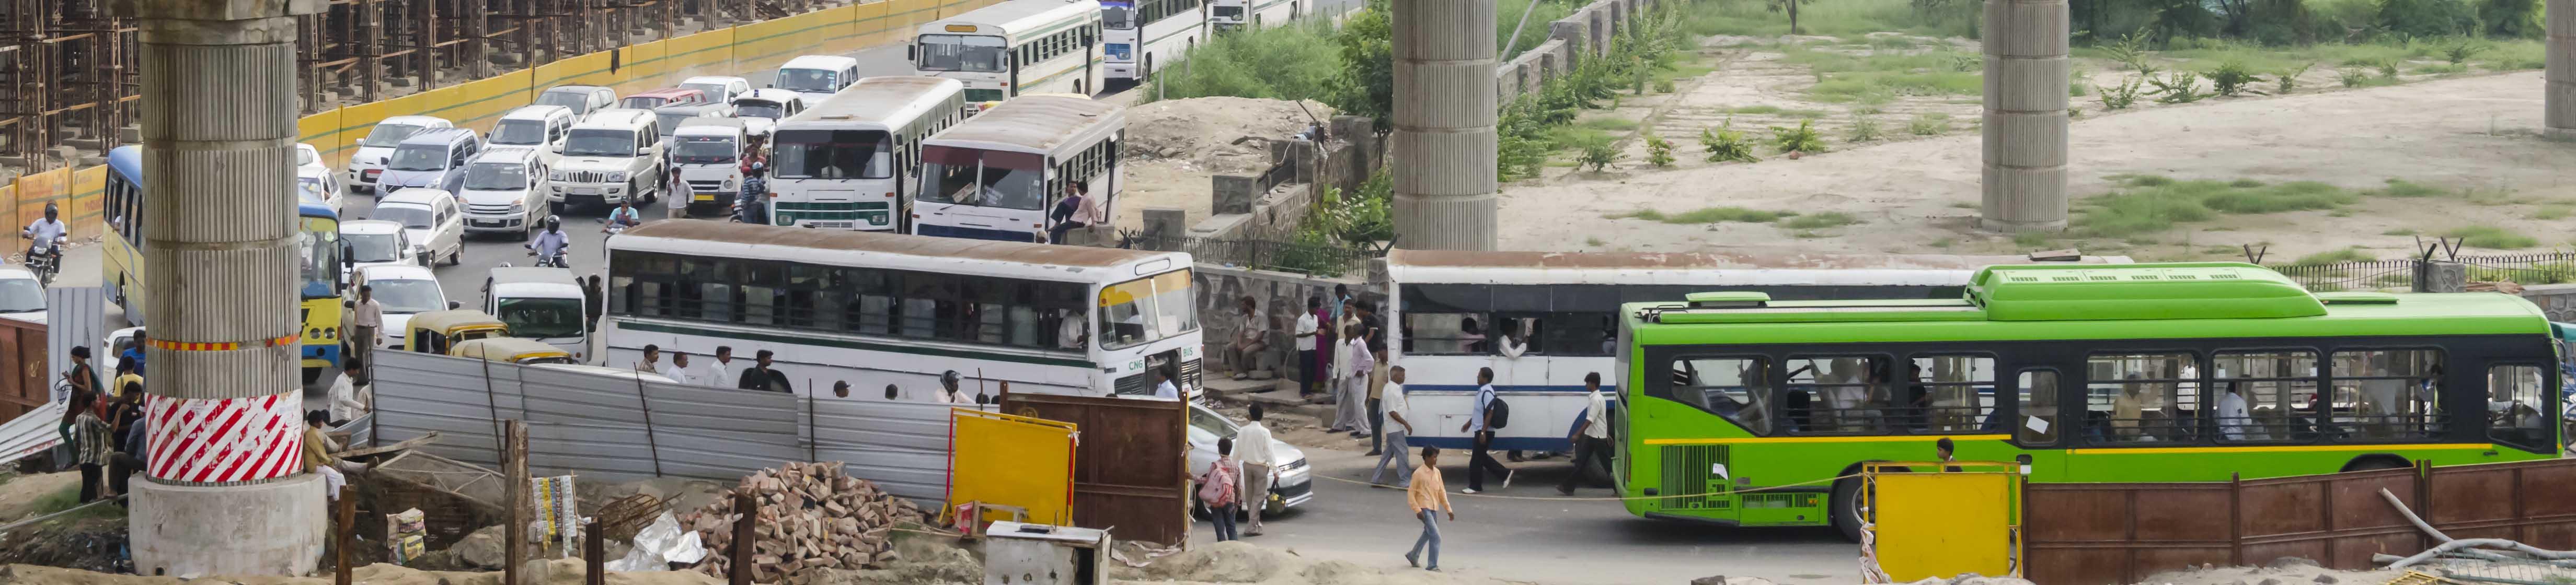 Transports en commun Inde: tous savoir sur les bus, les trains et les rickshaw dans ce pays tellement éloigné de la France